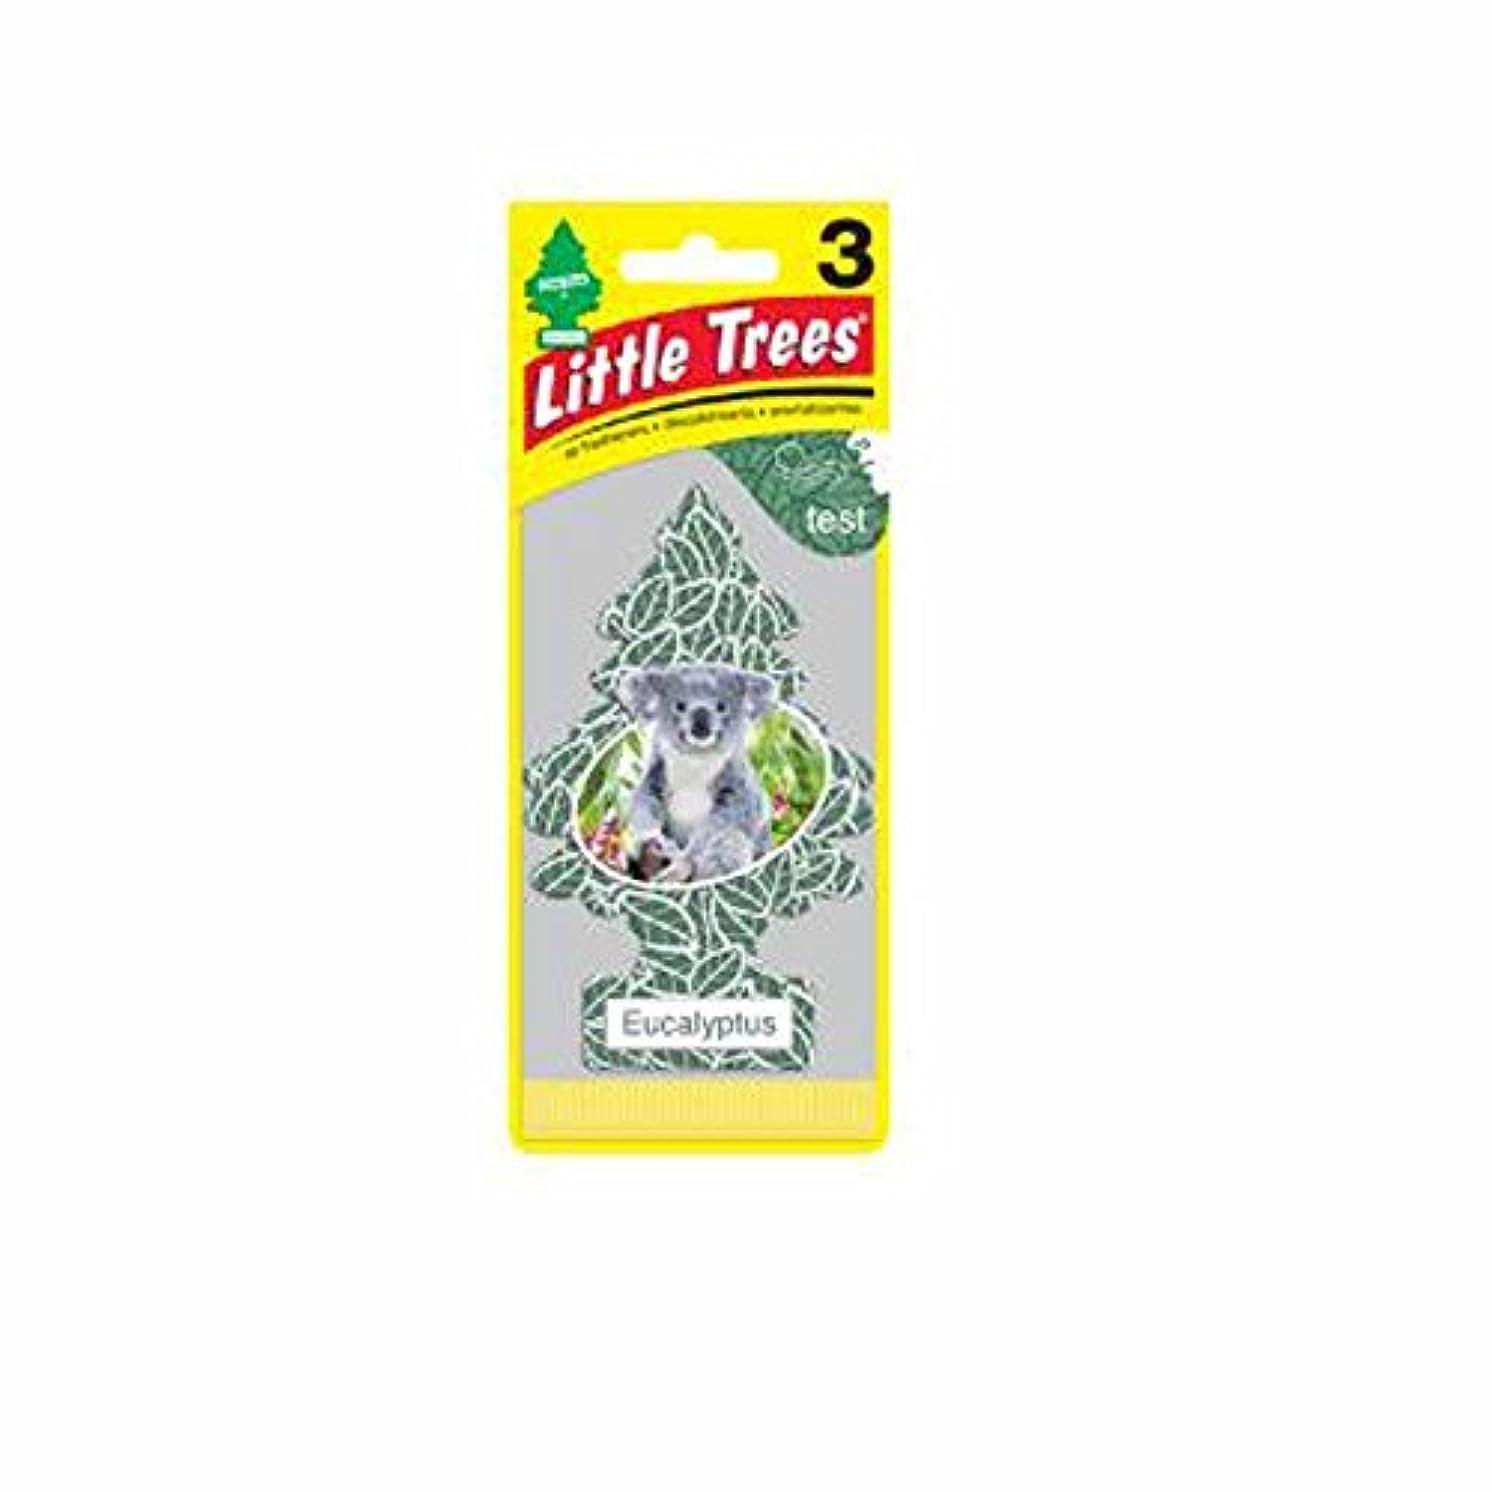 現代のキャプチャー瀬戸際Little Trees 吊下げタイプ エアーフレッシュナー eucalyptus(ユーカリ) 3枚セット(3P) U3S-37365